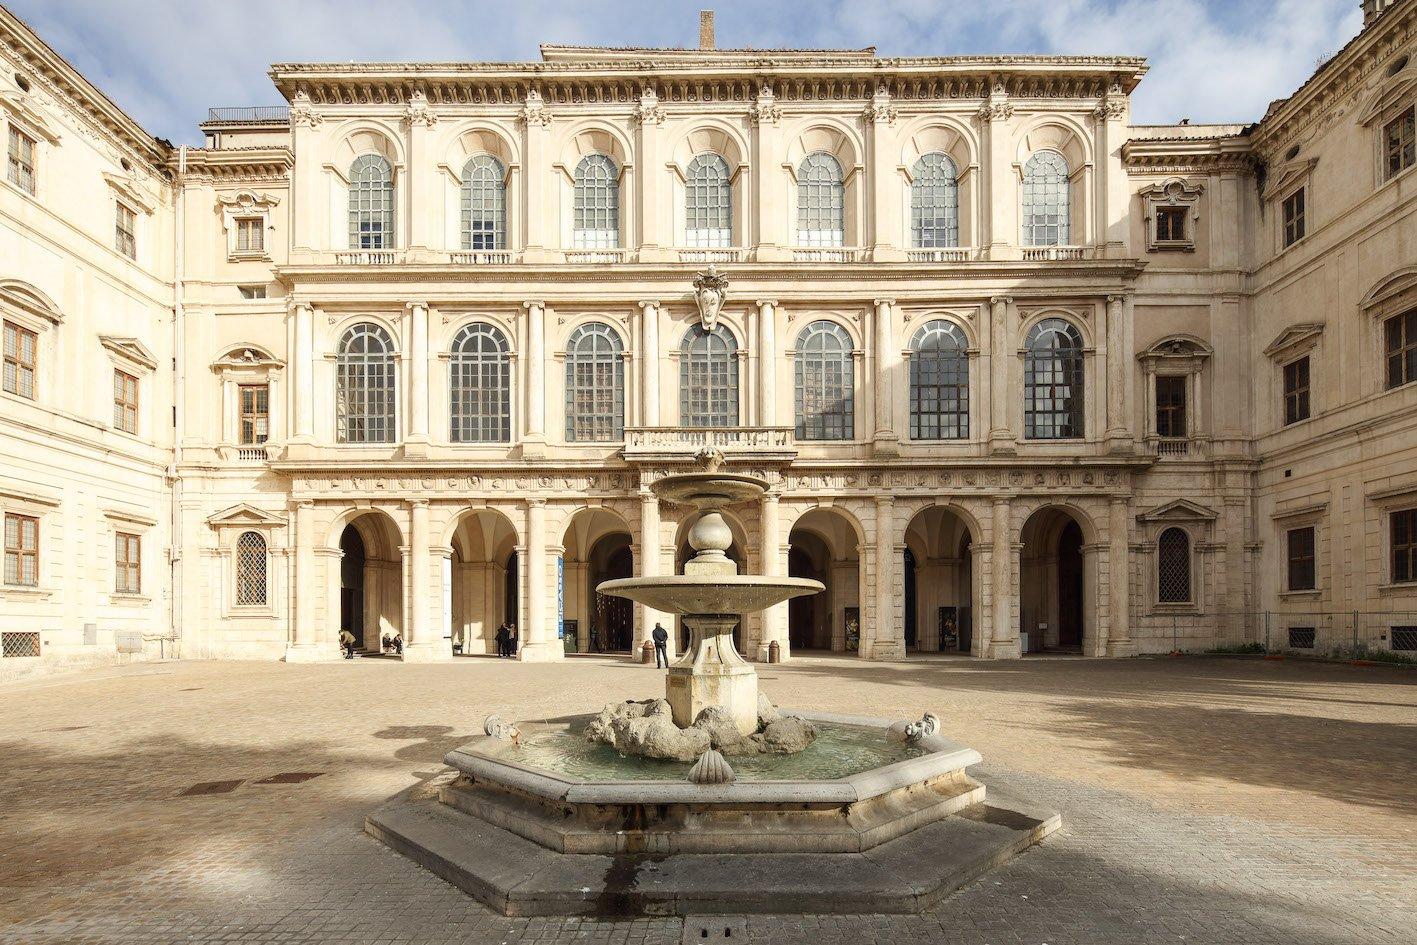 Facciata Palazzo Barberini - Courtesy Gallerie Nazionali di Arte Antica, Palazzo Barberini, Roma - Foto Alberto Novelli